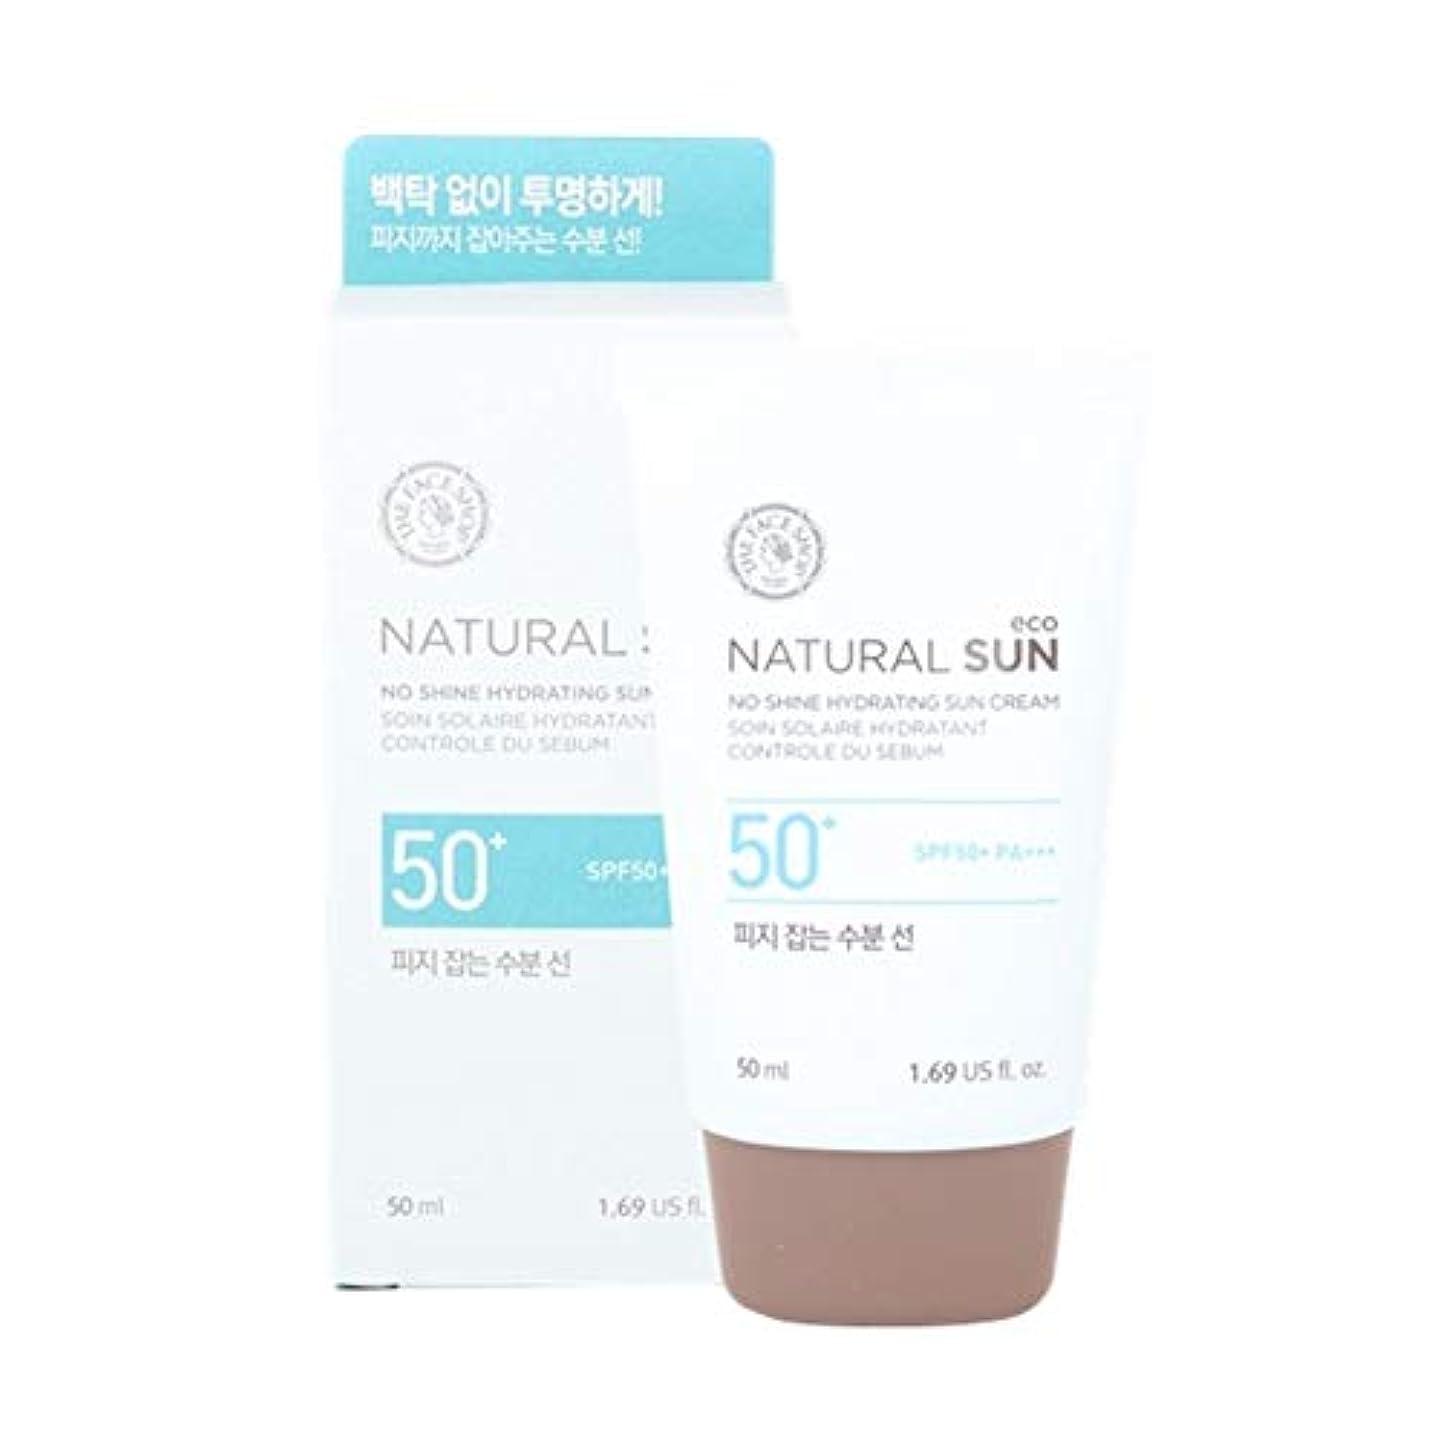 部族障害者現実的ザ?フェイスショップネチュロルソンエコフィジーサン?クリームSPF50+PA+++50ml x 2本セット韓国コスメ、The Face Shop Natural Sun Eco No Shine Hydrating Sun...